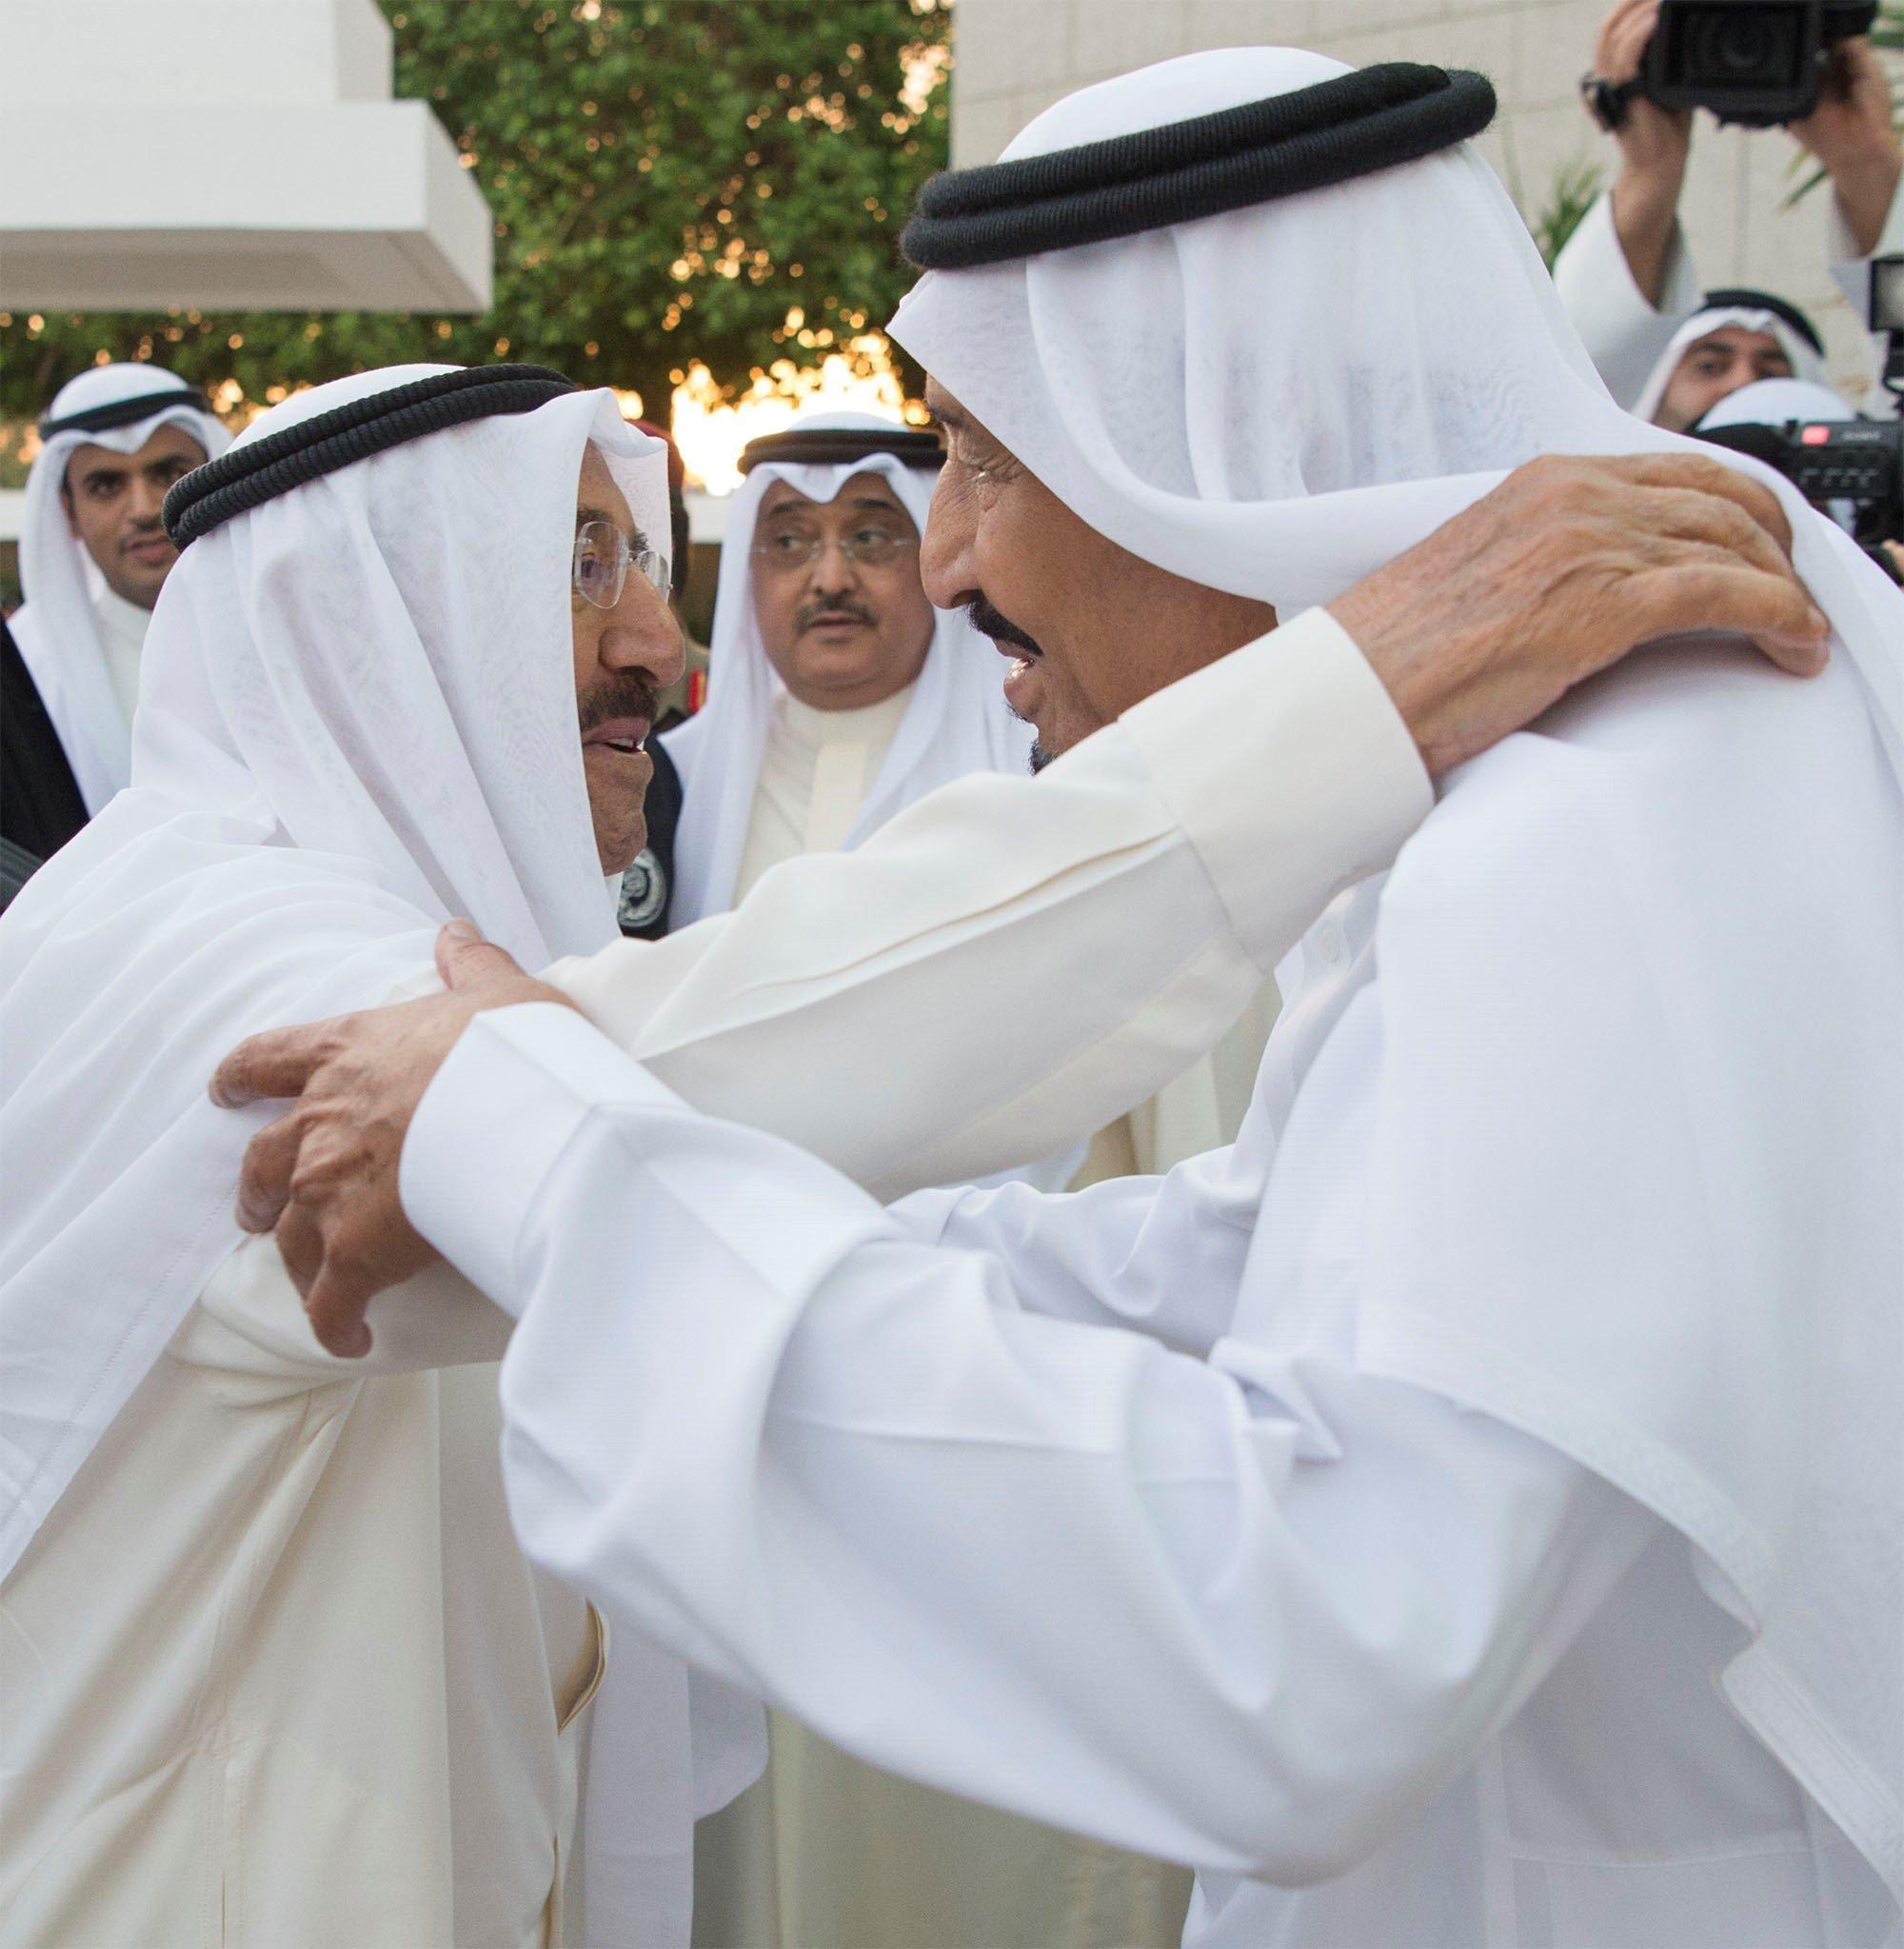 Conflict tussen Arabieren in Midden-Oosten